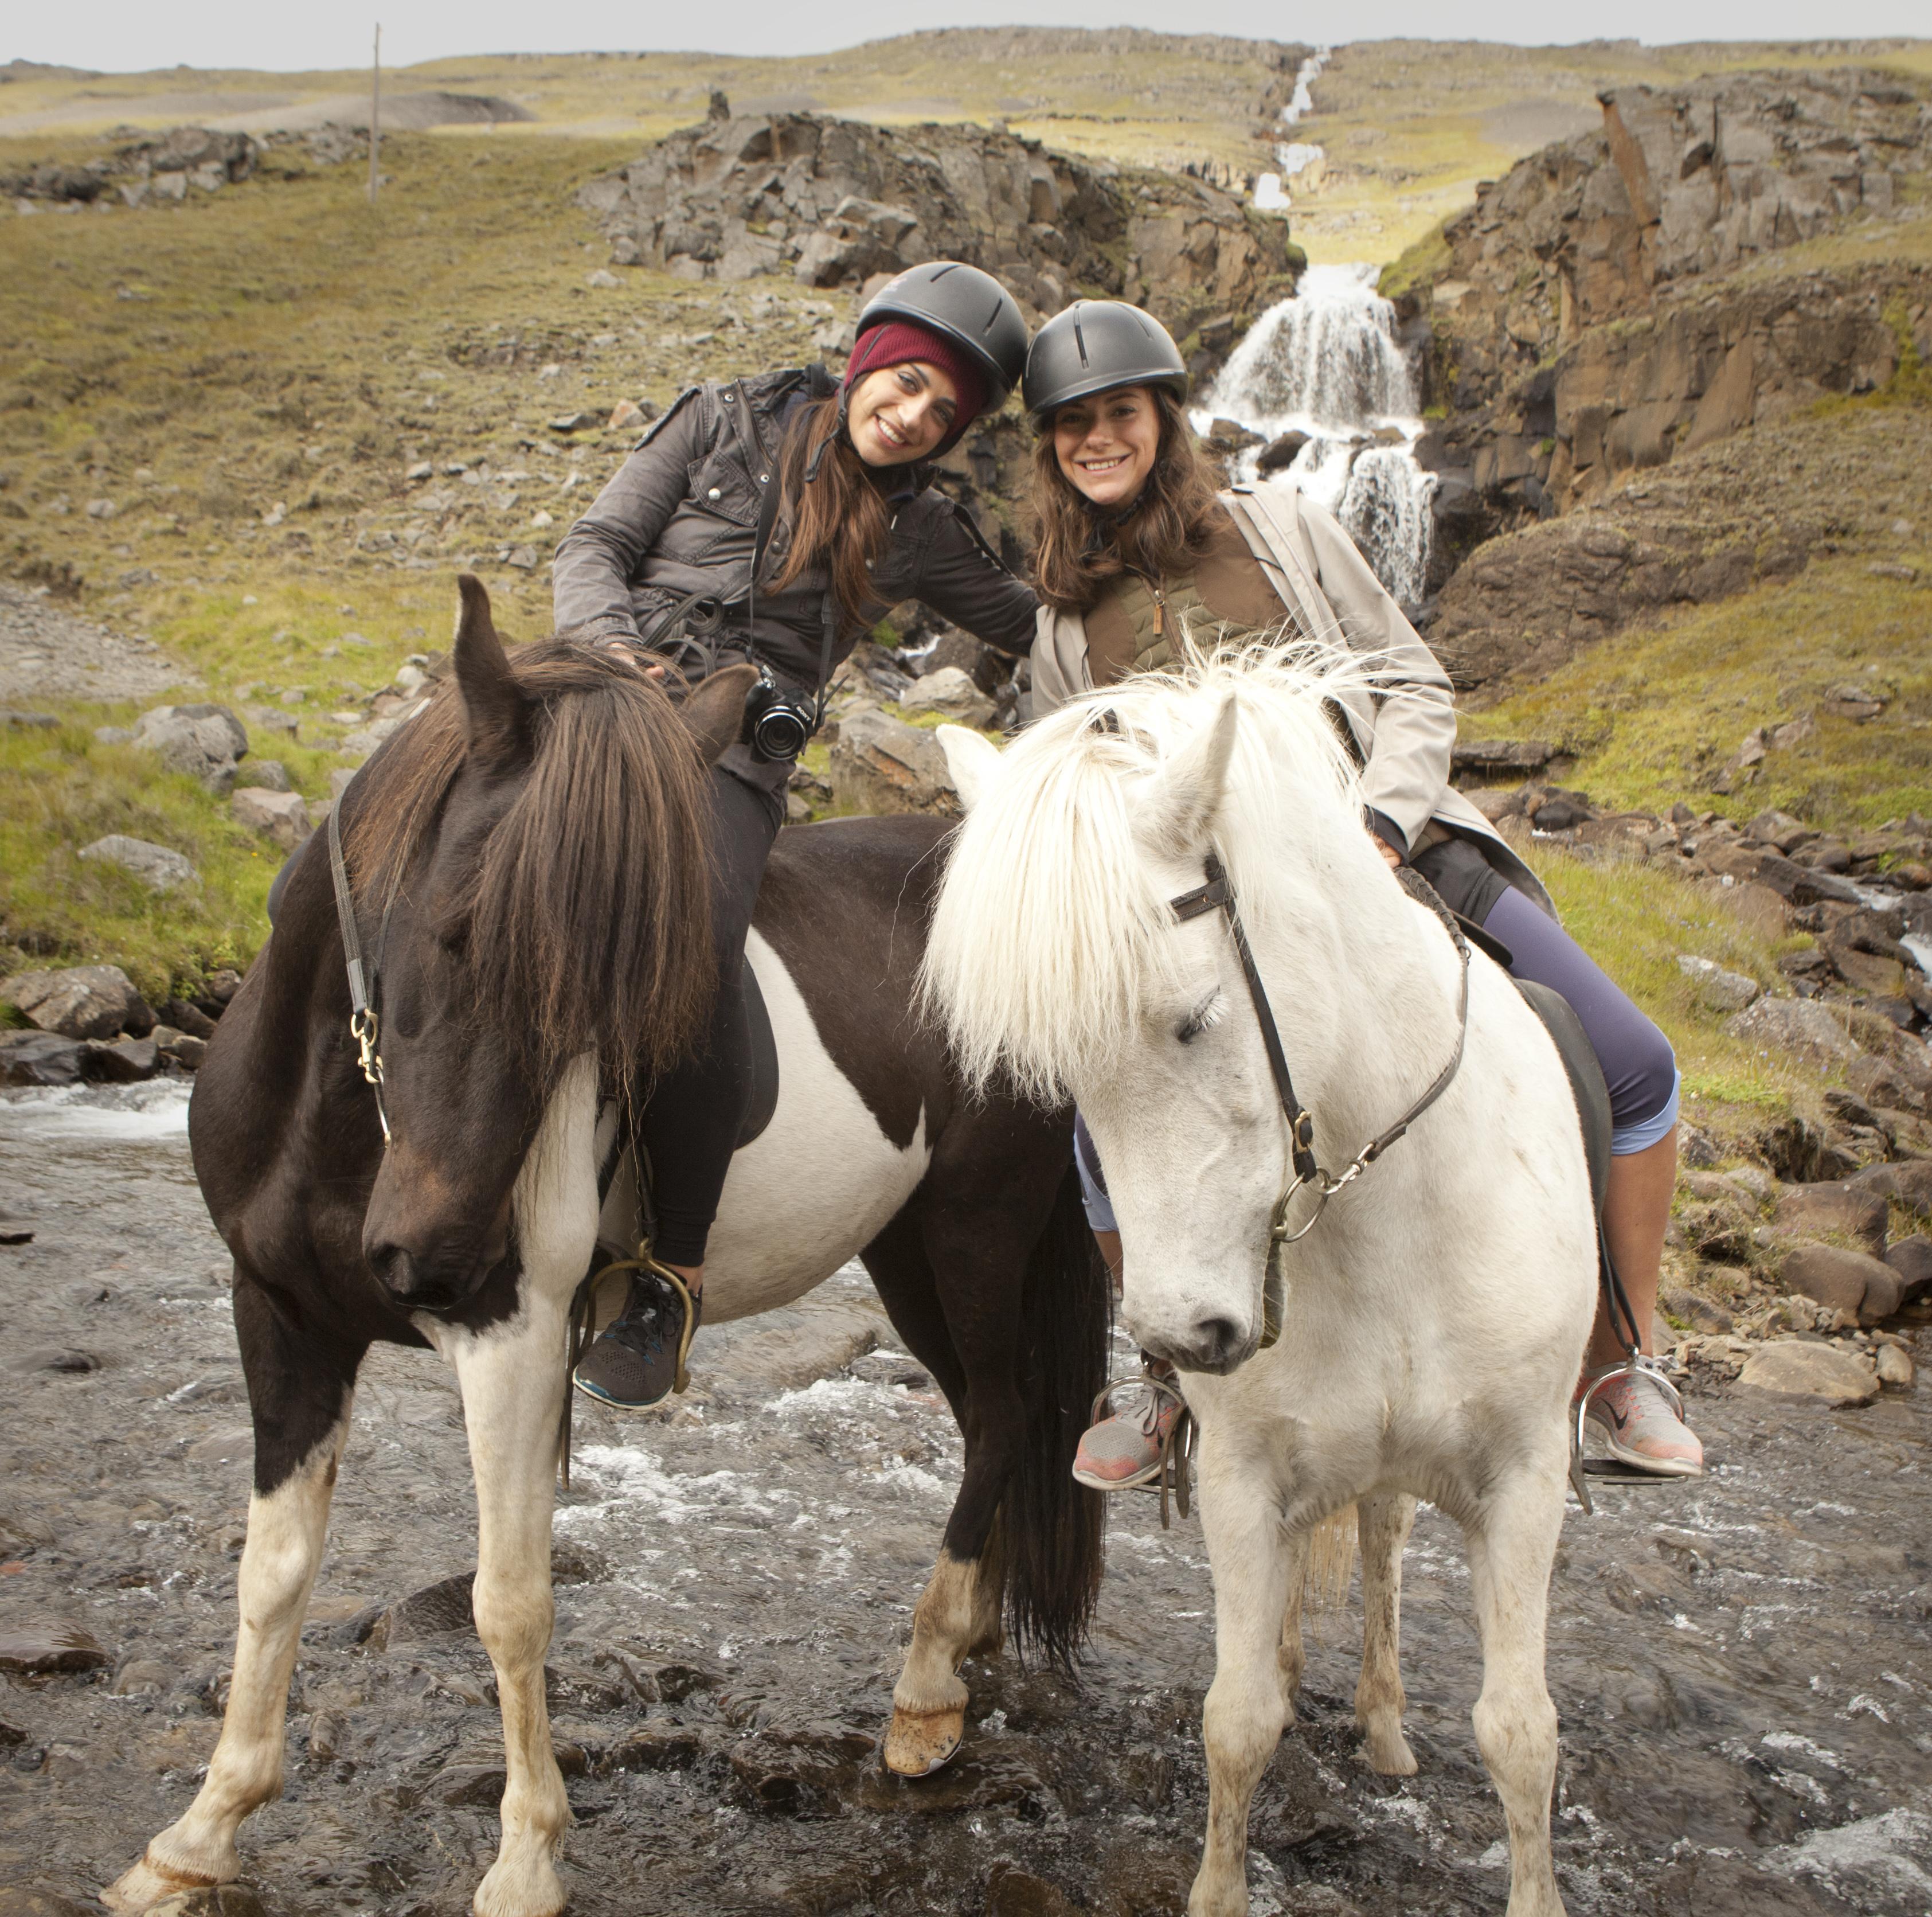 骑马是冰岛最受欢迎的旅行活动之一